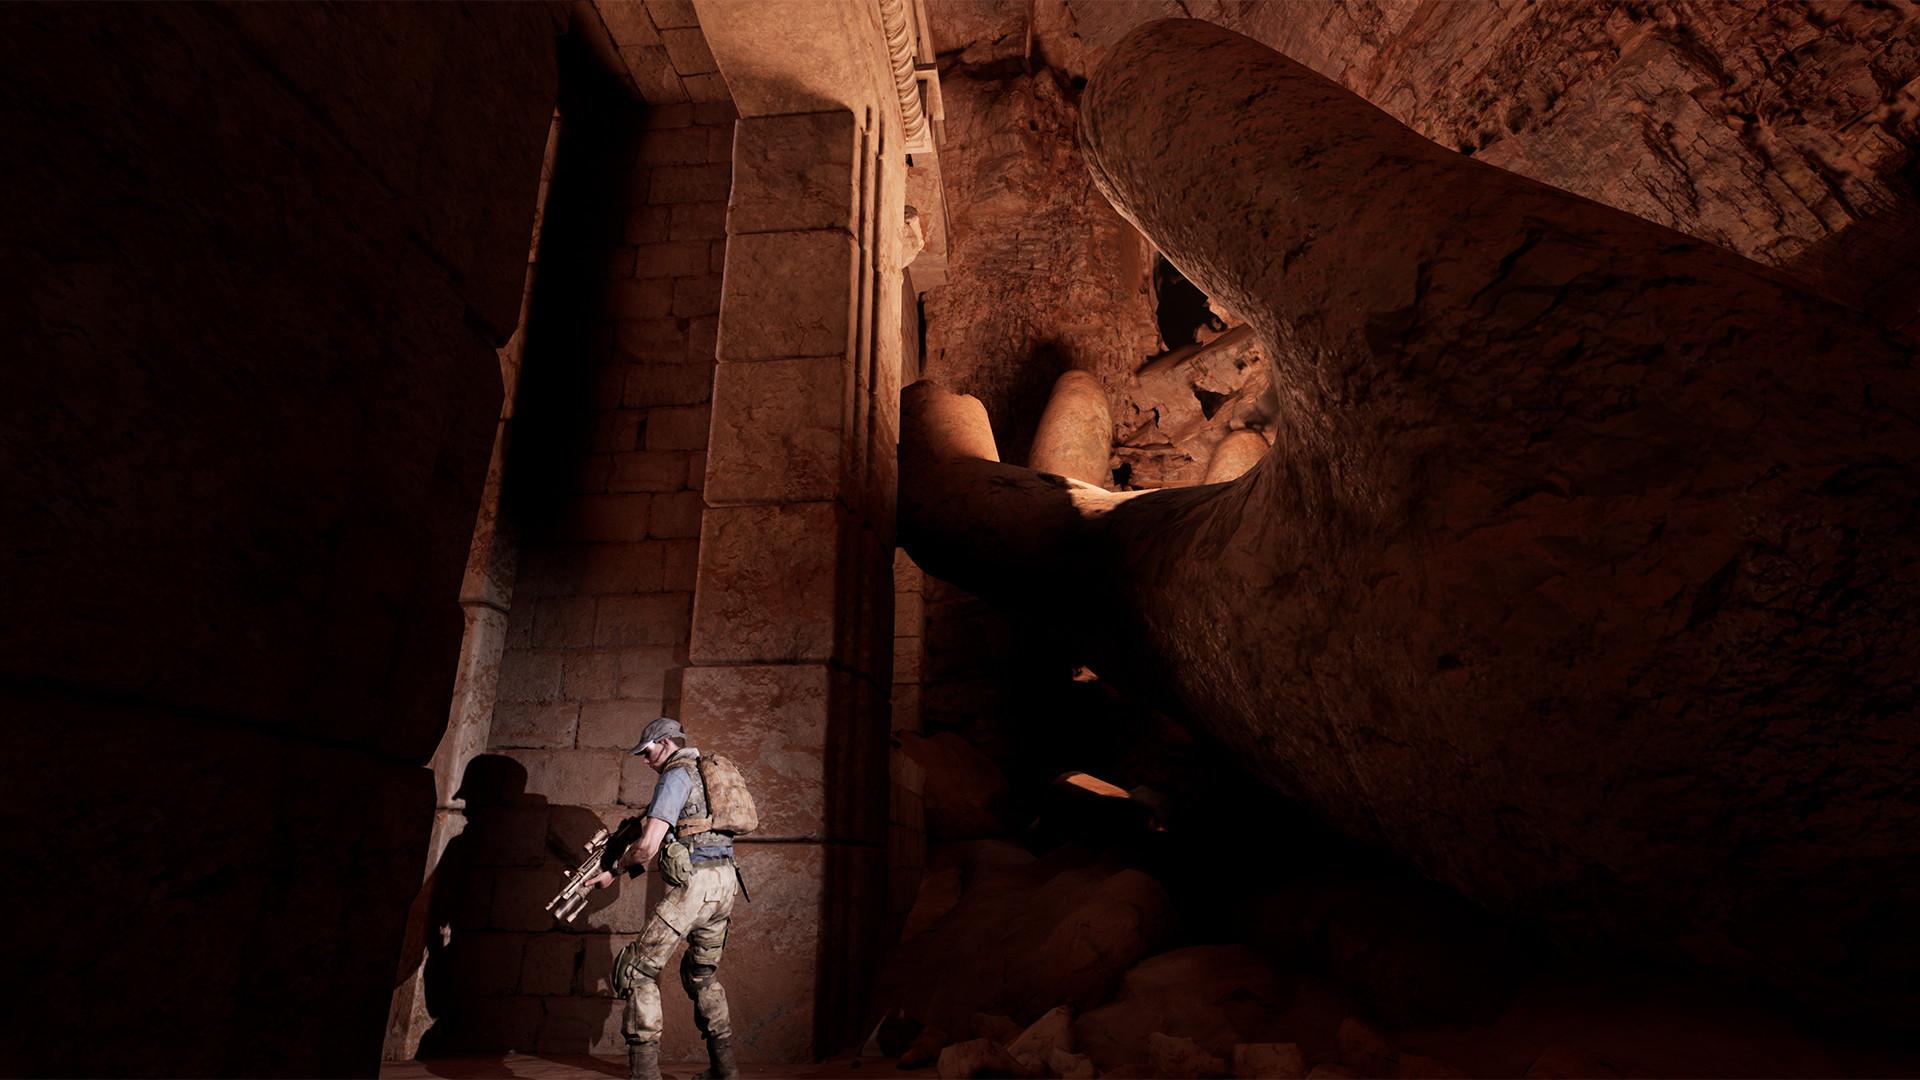 Видео: напряжение между персонажами и демон посреди тоннелей в трейлере The Dark Pictures Anthology: House of Ashes